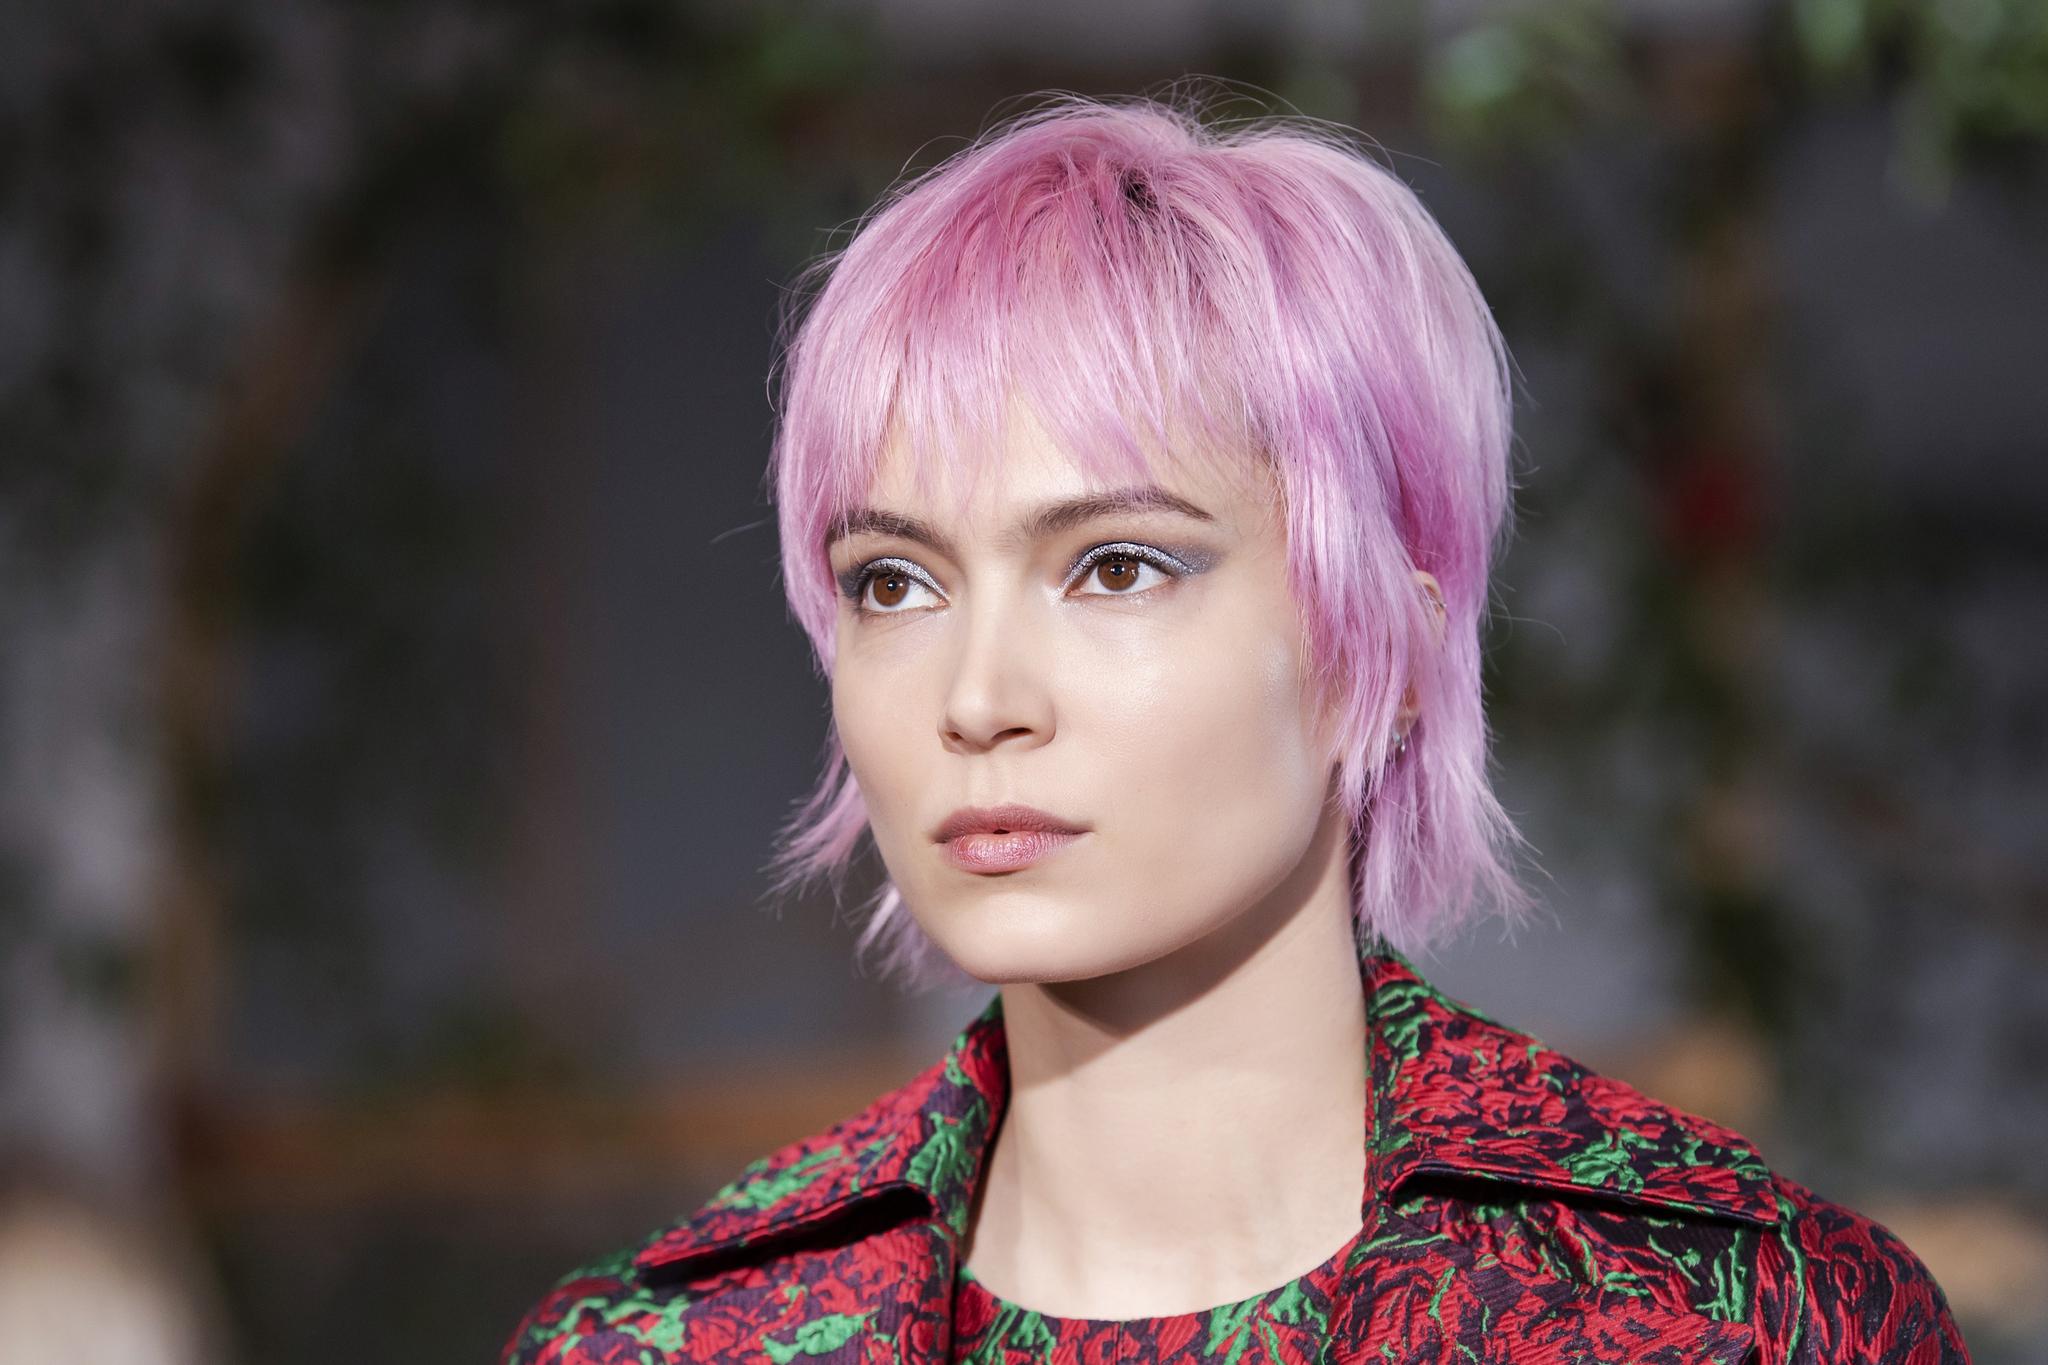 El mullet es uno de los cortes de pelo tendencia en otoño-invierno 2021.